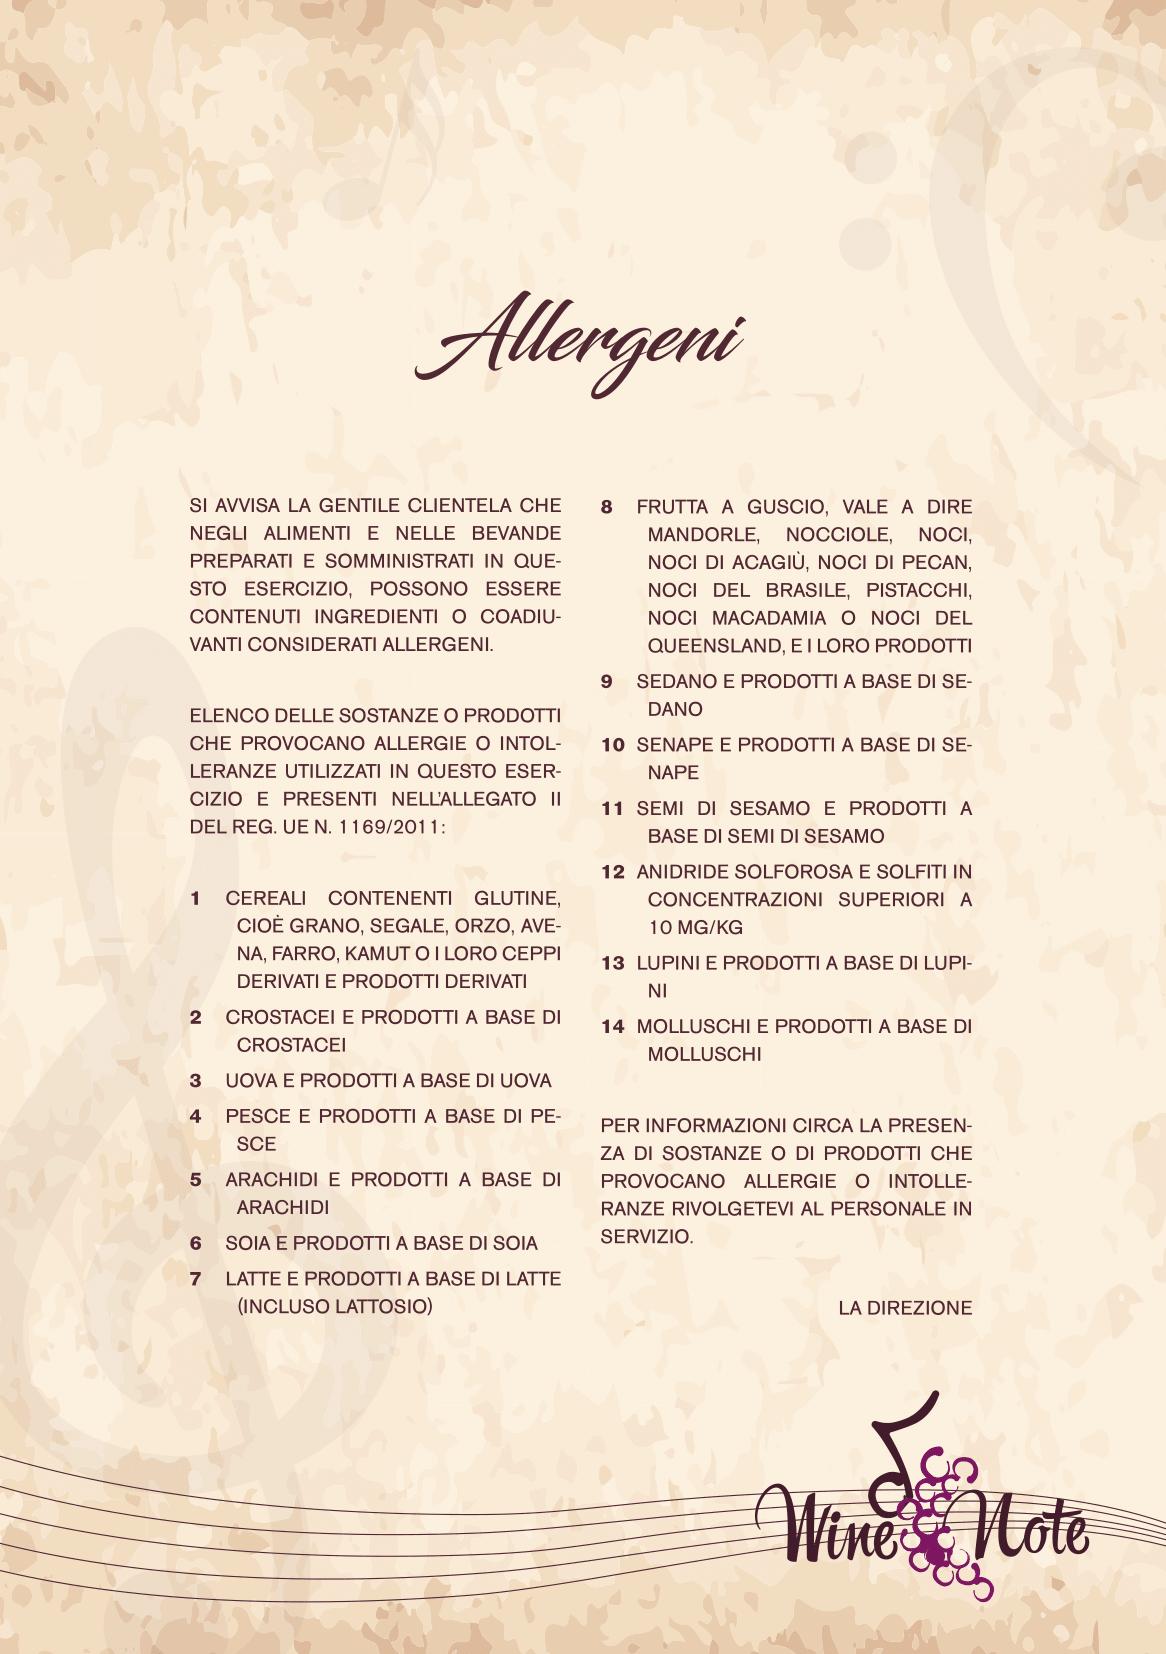 Wine note menu e vini A5-06